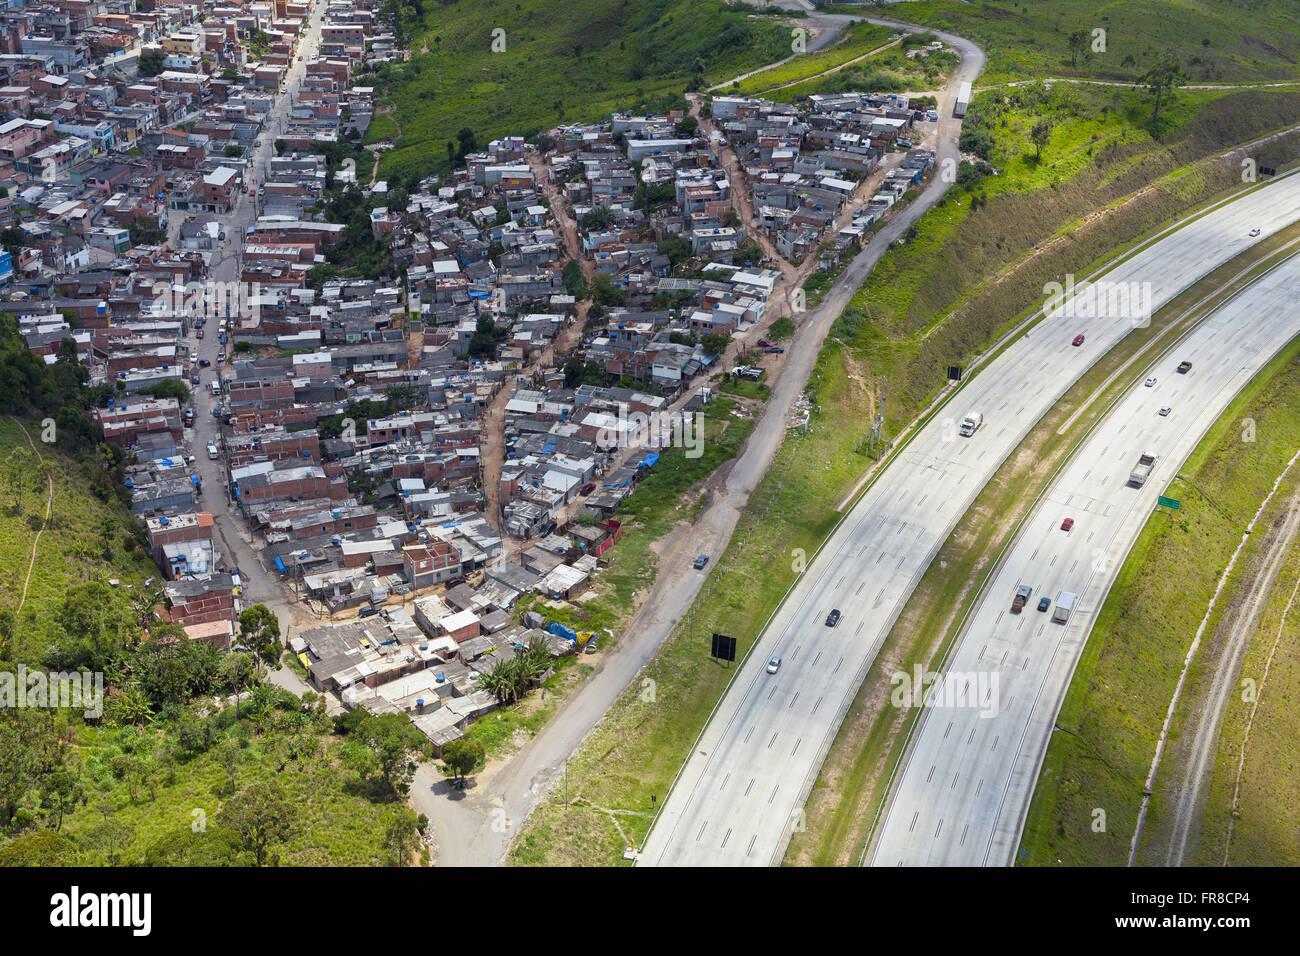 Vista aerea della baraccopoli Nook umile Mario Covas beltway con SP-021 in background Immagini Stock